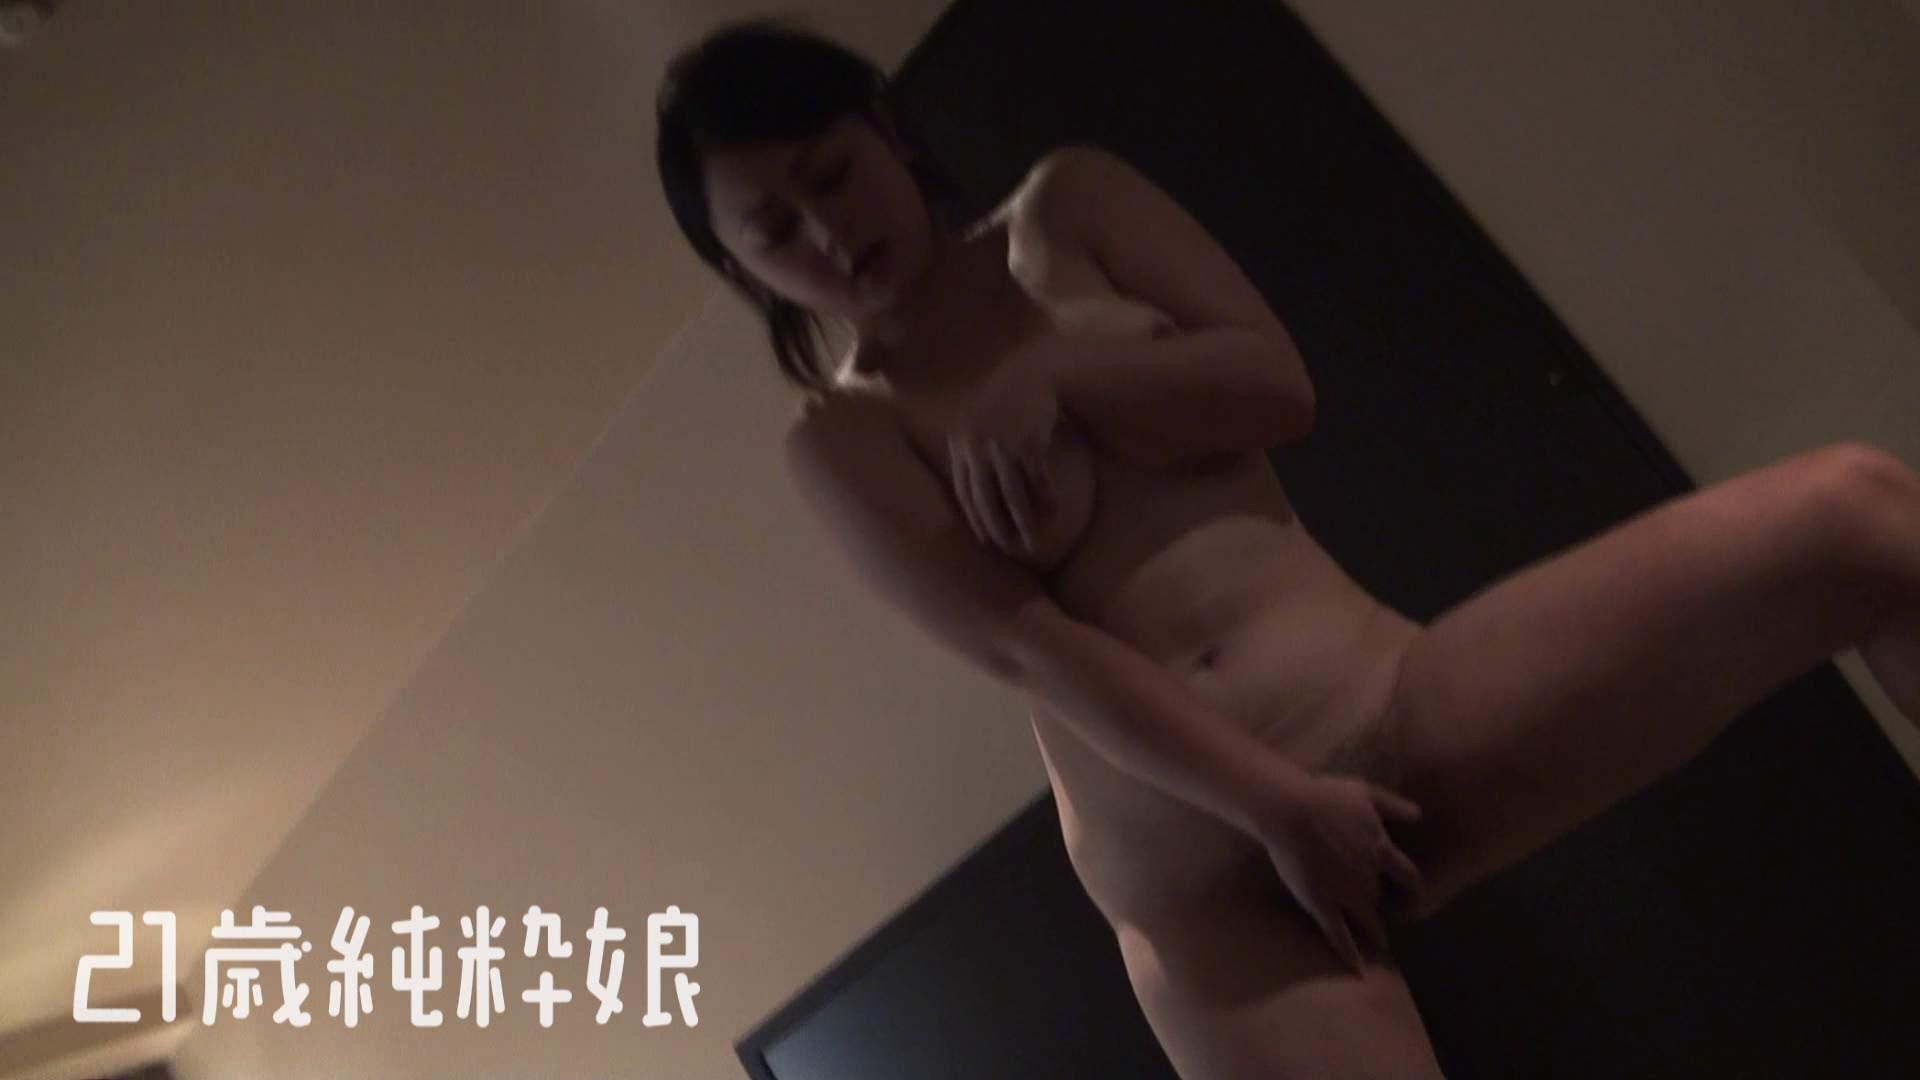 上京したばかりのGカップ21歳純粋嬢を都合の良い女にしてみた2 オナニーガール   中出し  52PIX 13